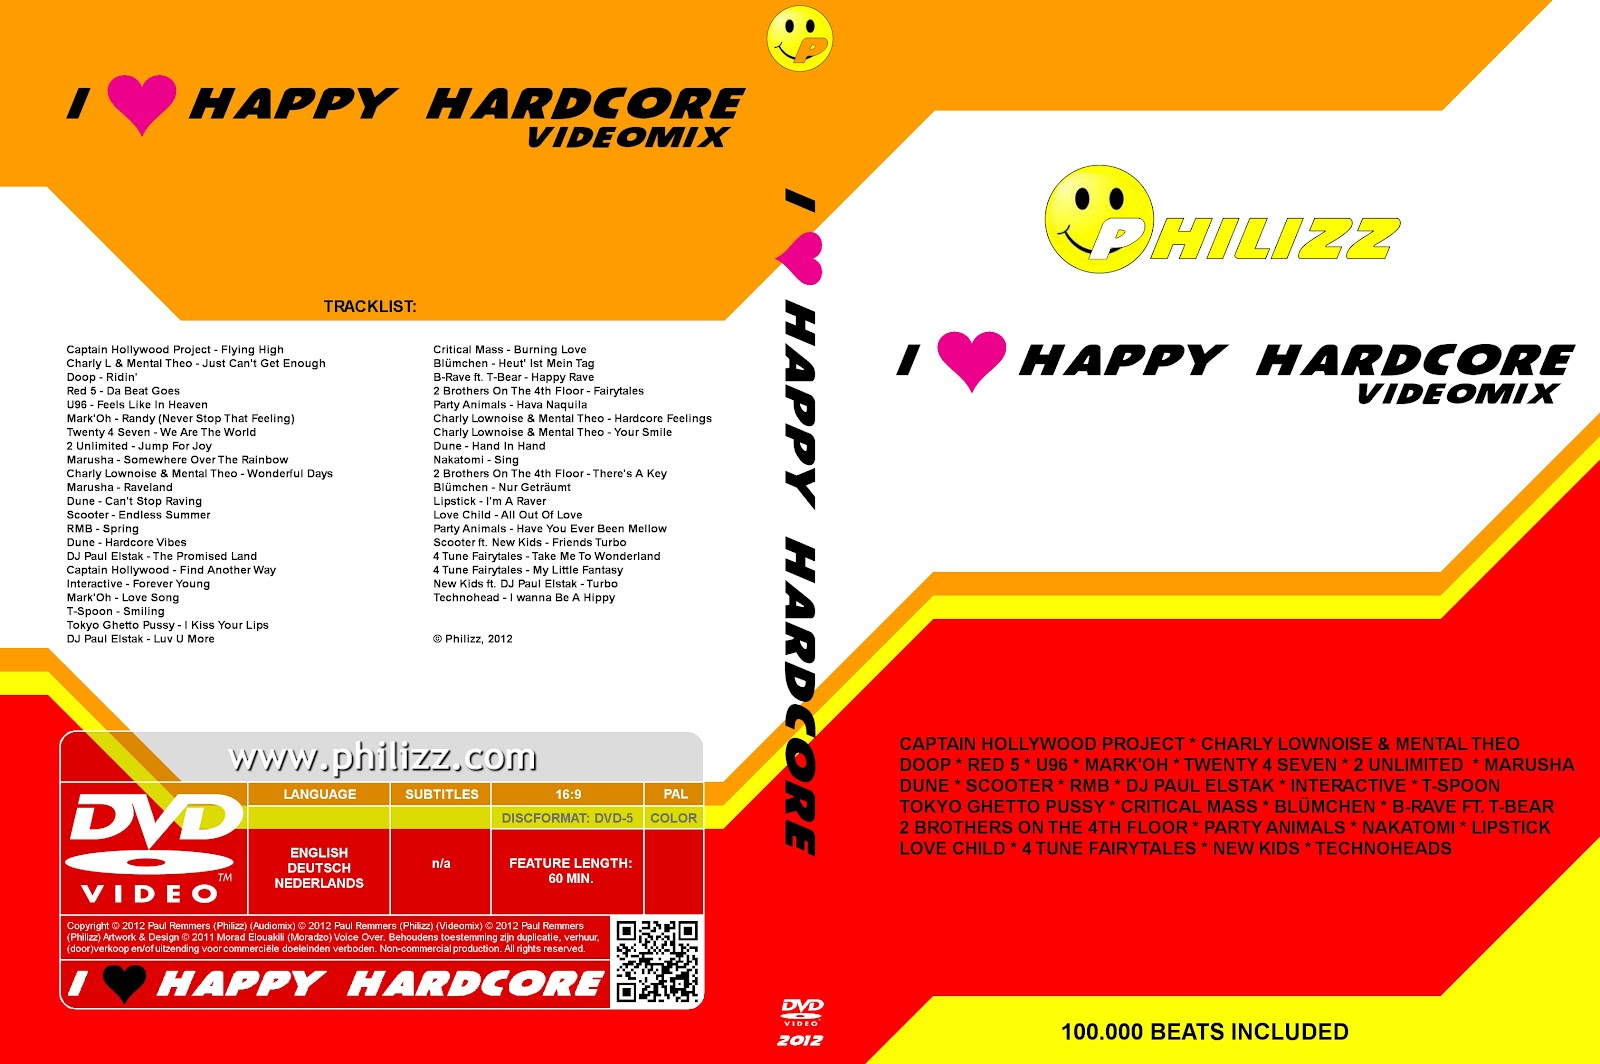 Philizz - I ♥ Happy Hardcore